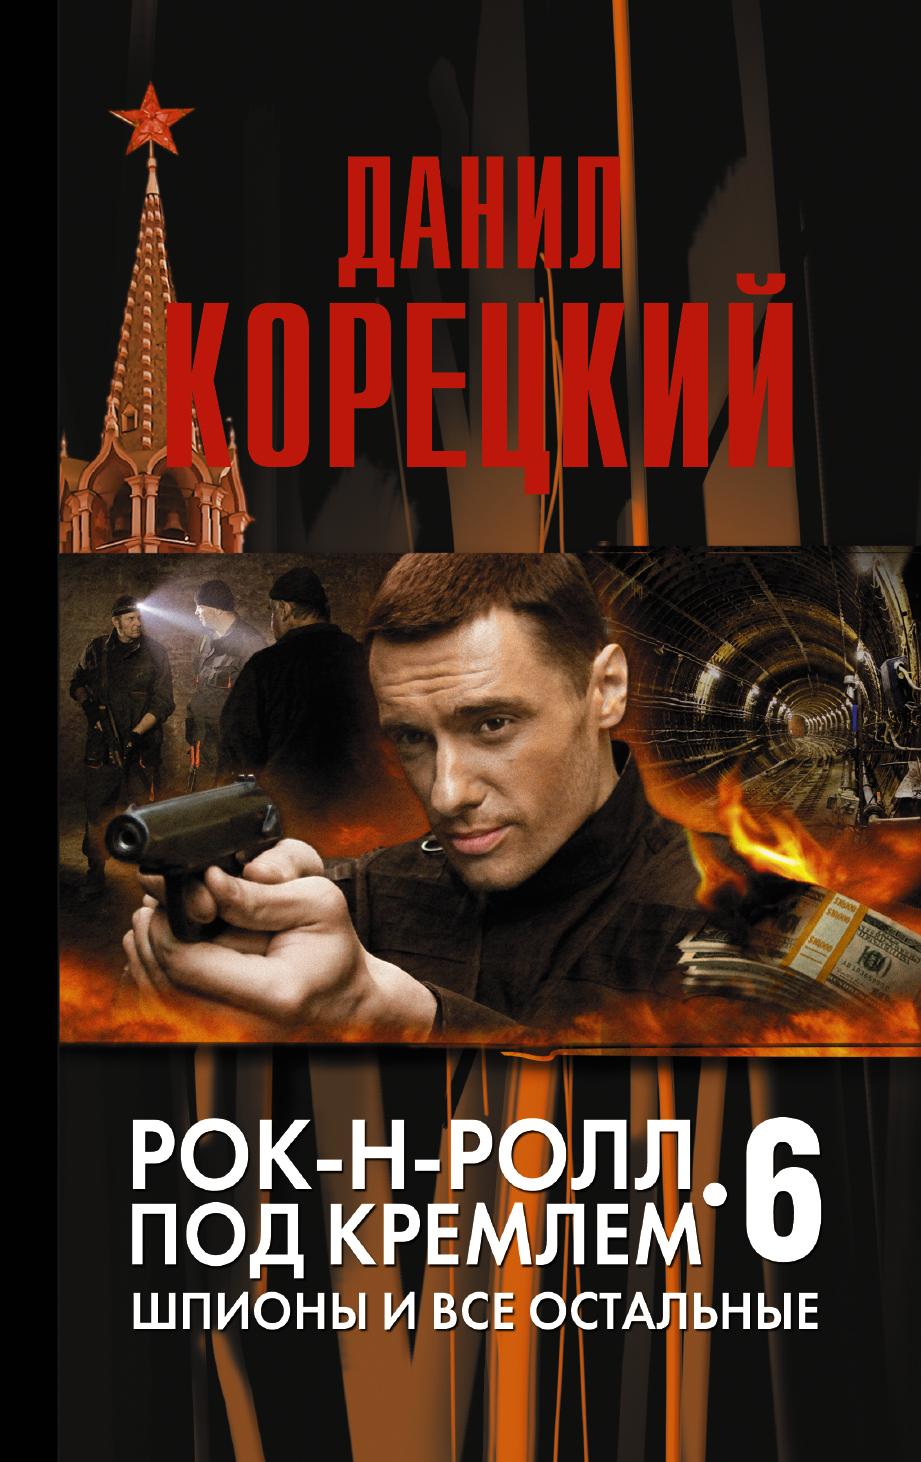 Корецкий Д.А. Рок-н-ролл под Кремлем. Книга 6: Шпионы и все остальные. корецкий данил аркадьевич шпионы и все остальные